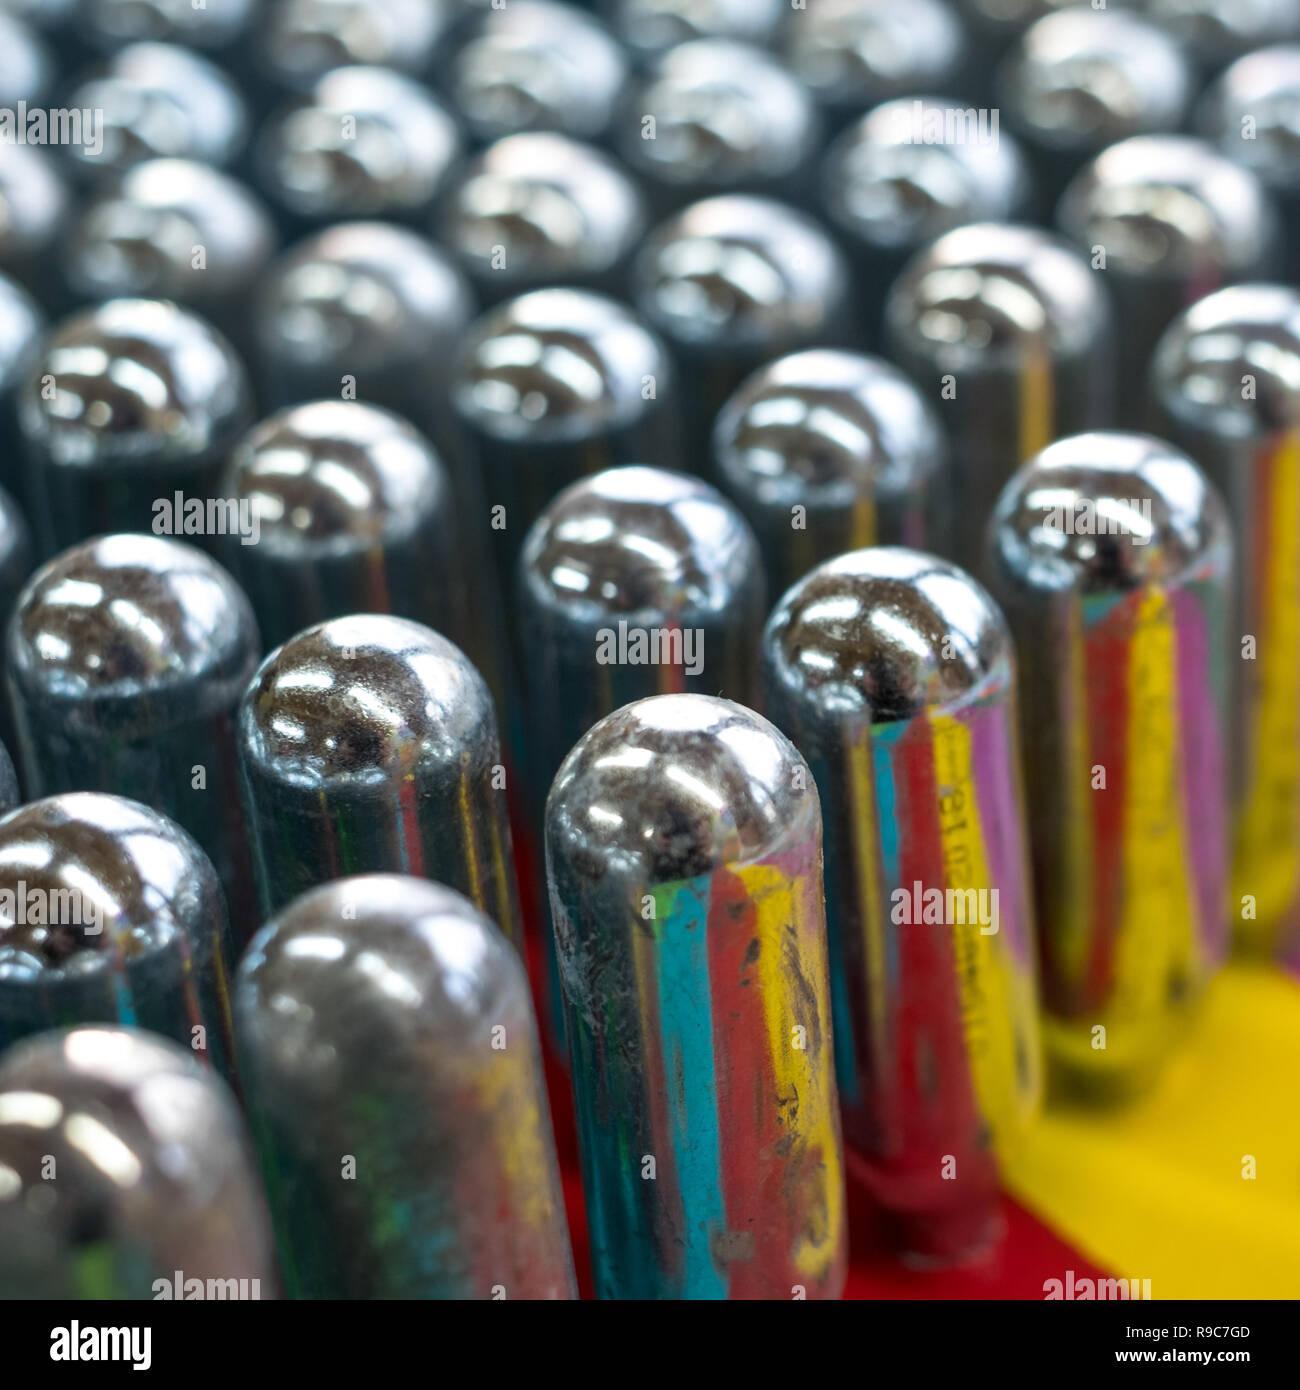 Vacíe el óxido nitroso cannisters reflejando colores psicodélicos: cilindros de metal que contiene óxido nitroso, utilizado para montar nata, sino también jurídica. Foto de stock